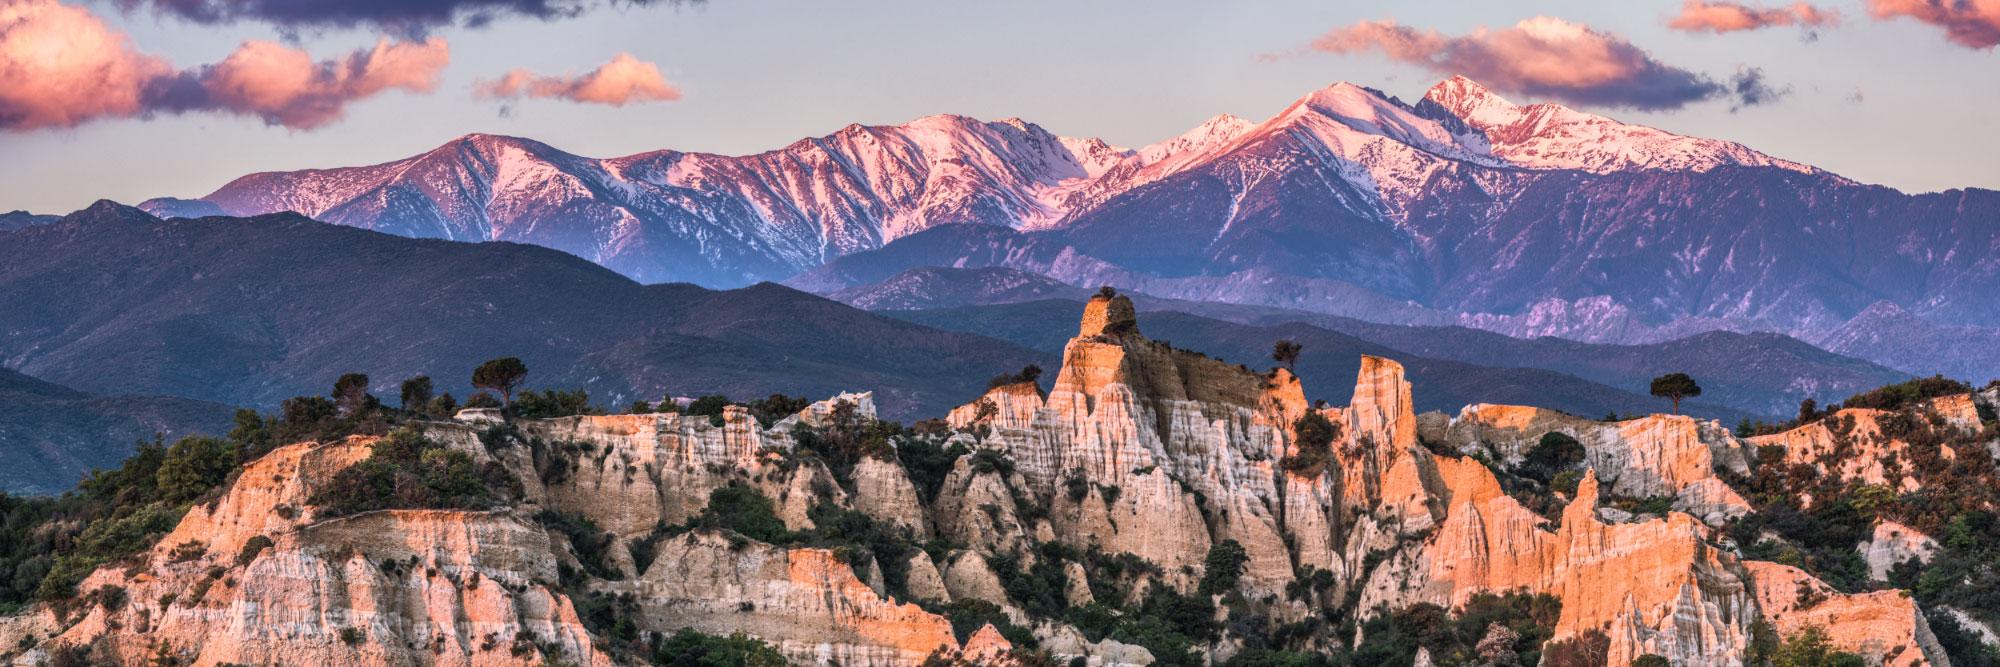 Canigou et dentelles de pierre des orgues d'Ille-sur-Têt, Roussillon